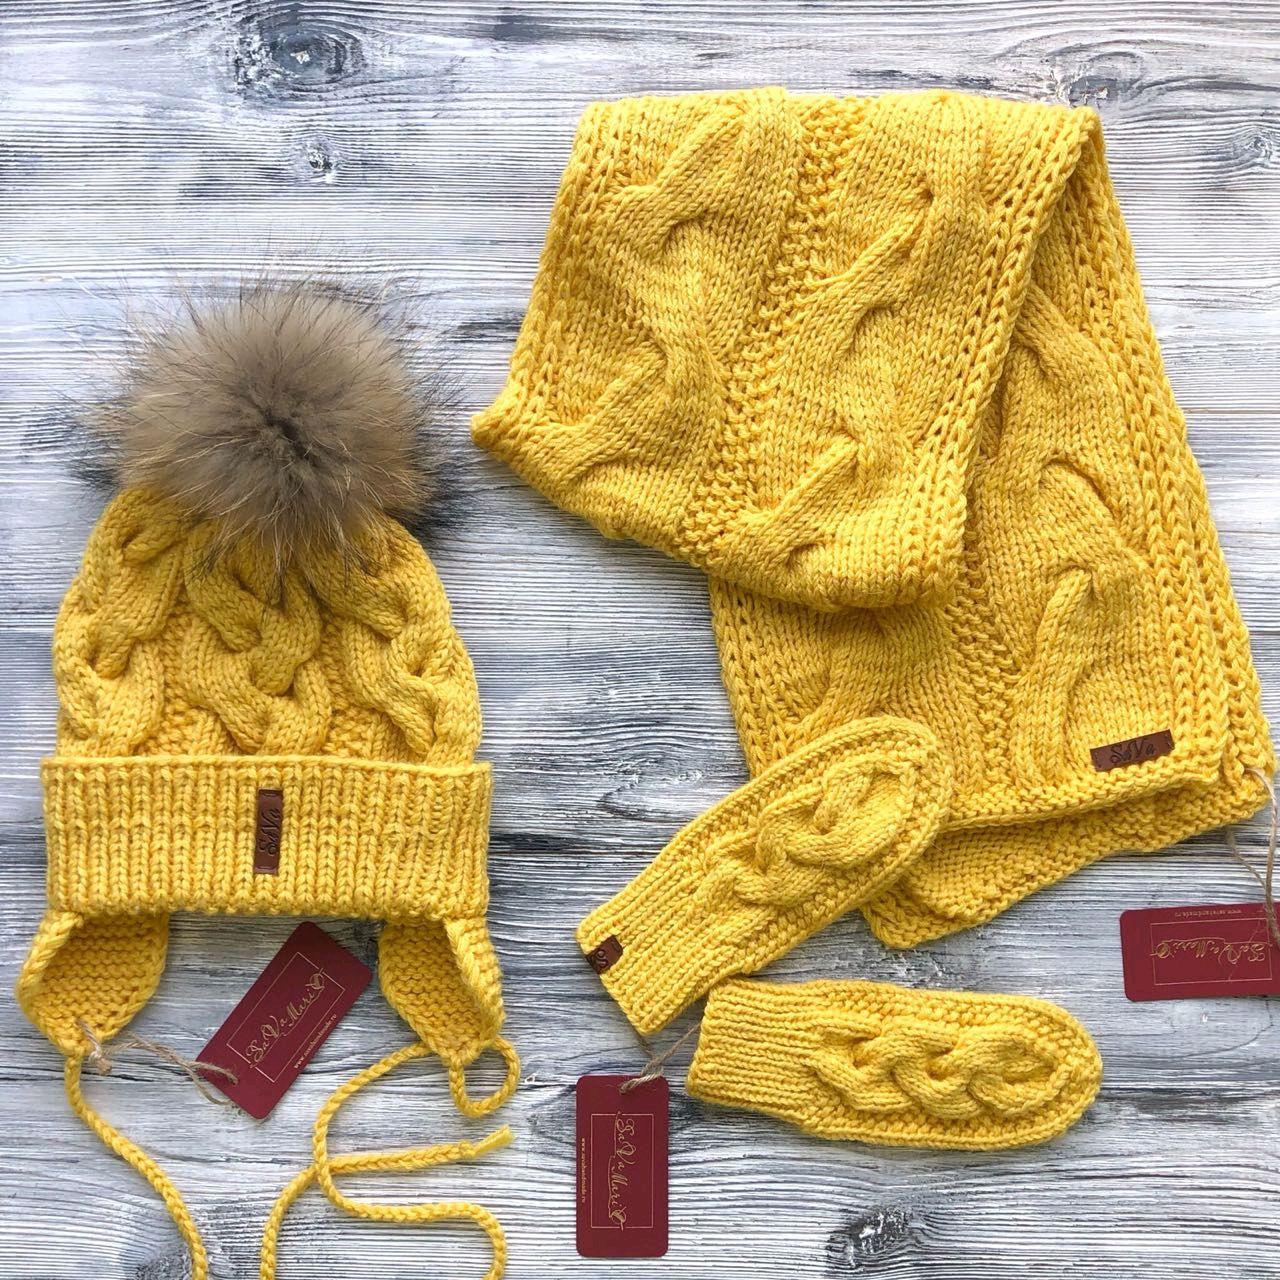 Вязание на спицах, женские модели, связанные спицами, модели спицами, шарфы, шапки, шали, варежки, перчатки.